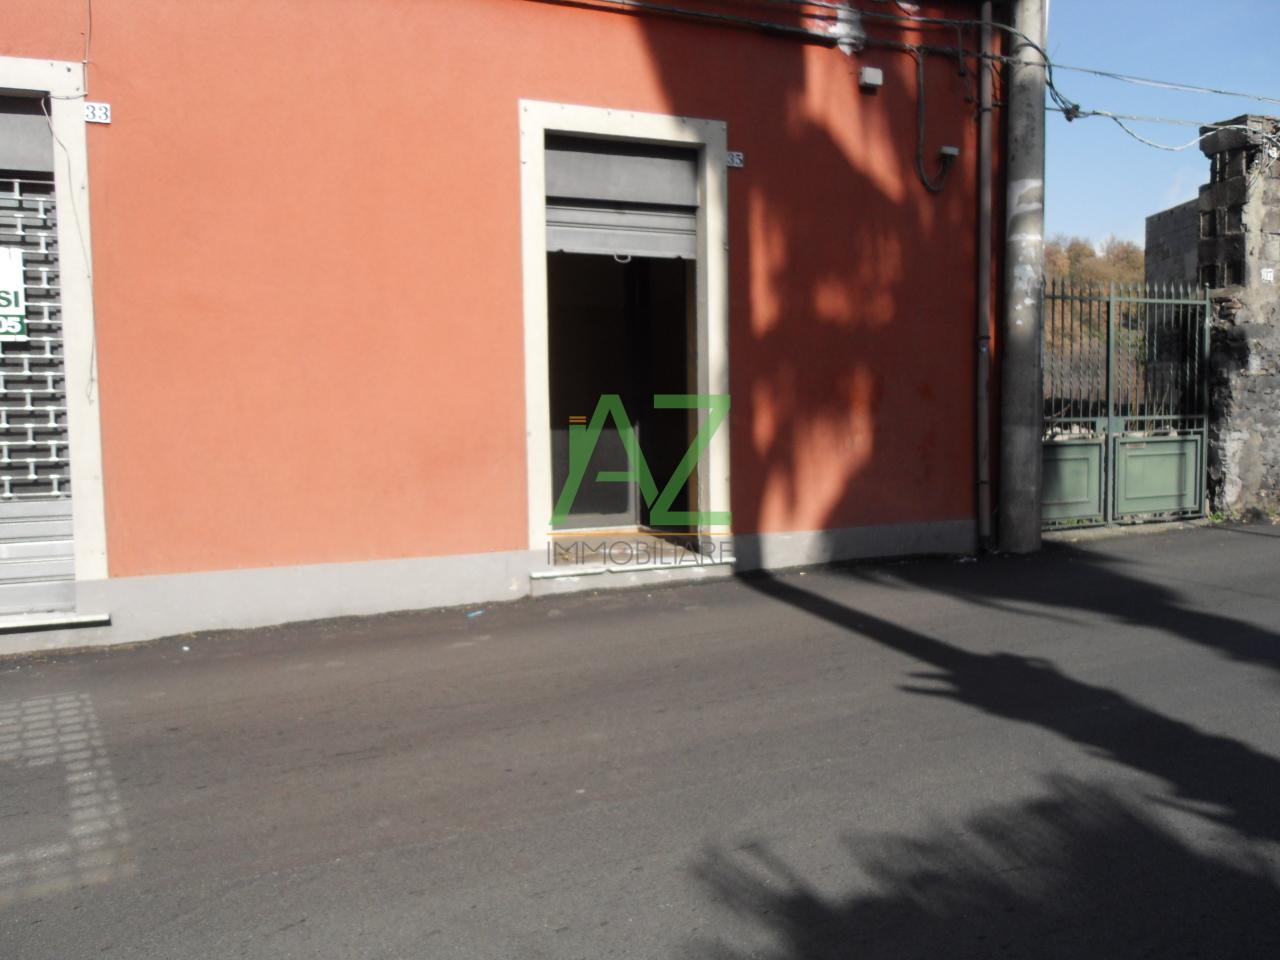 Negozio / Locale in affitto a Belpasso, 2 locali, prezzo € 350 | Cambio Casa.it